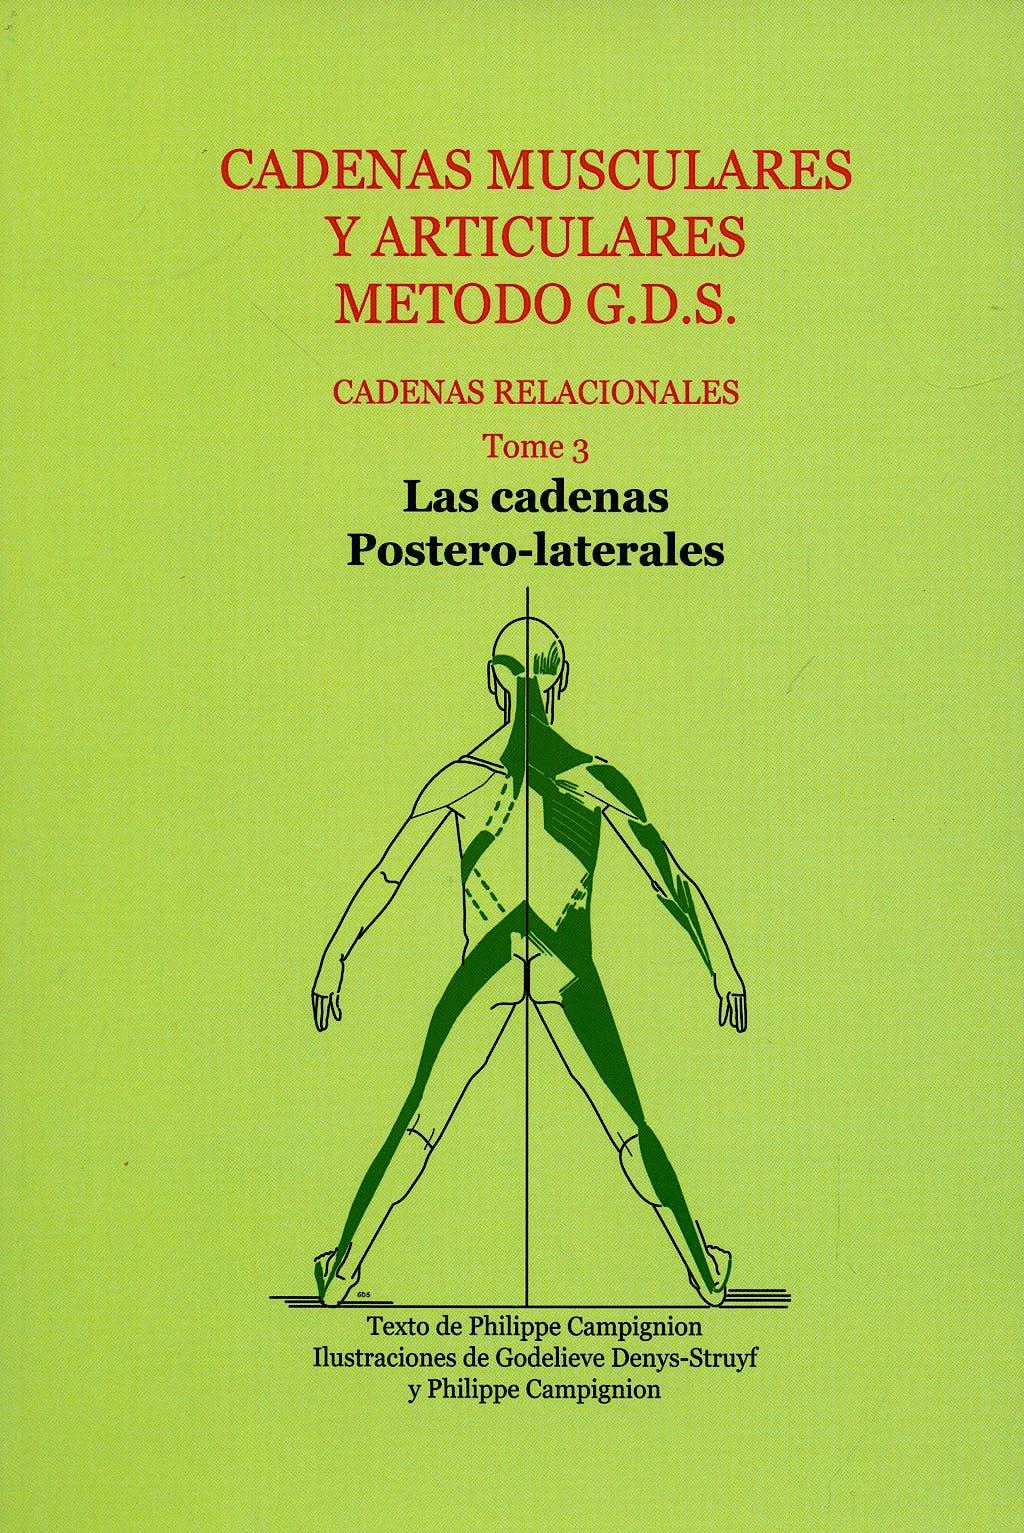 Portada del libro 9788461170968 Cadenas Musculares y Articulares Método G.D.S. Tomo 3: Cadenas Postero-Laterales